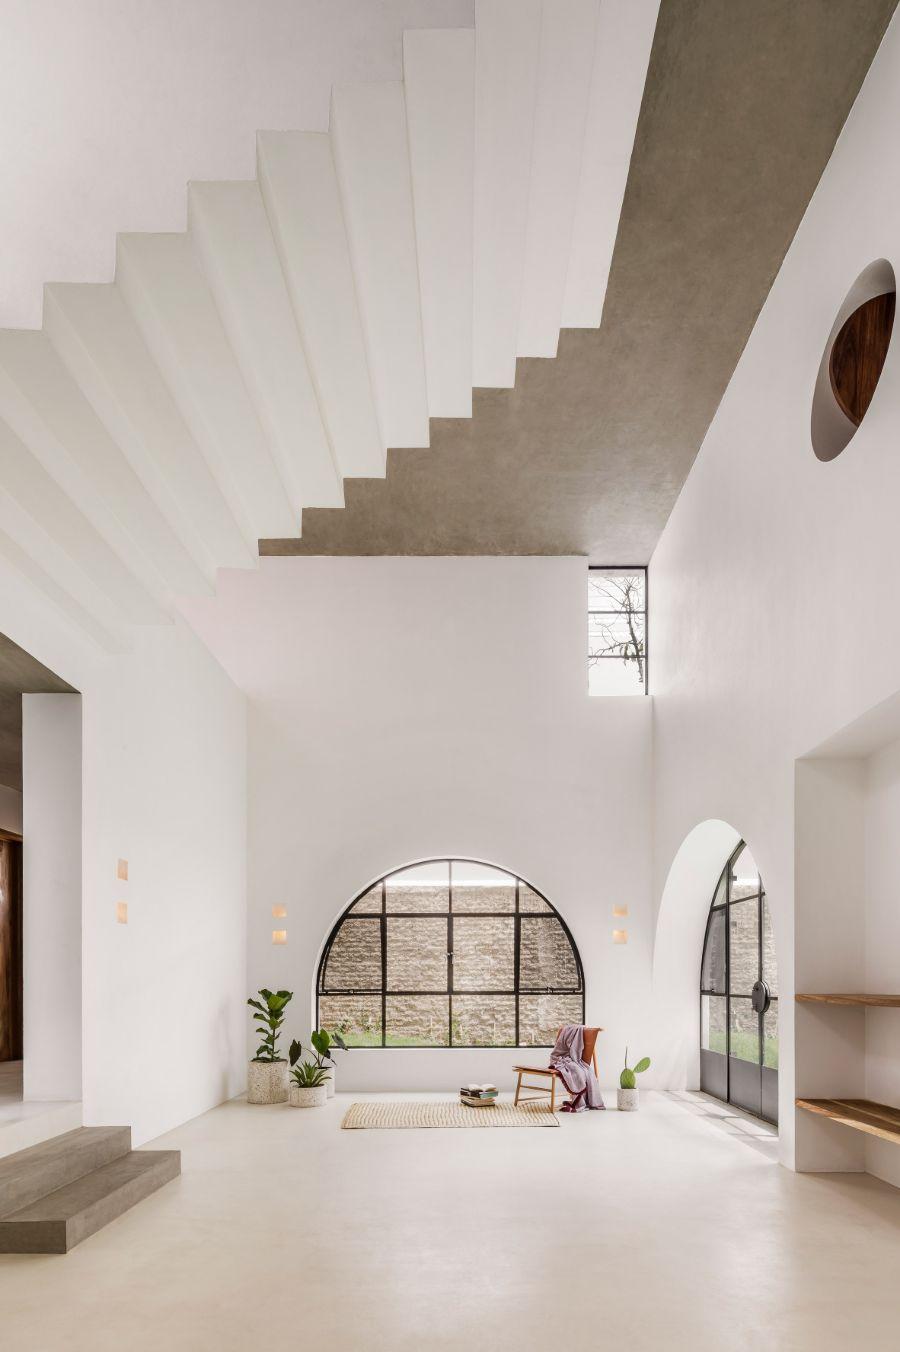 Casa A690 by Delfino Lozano